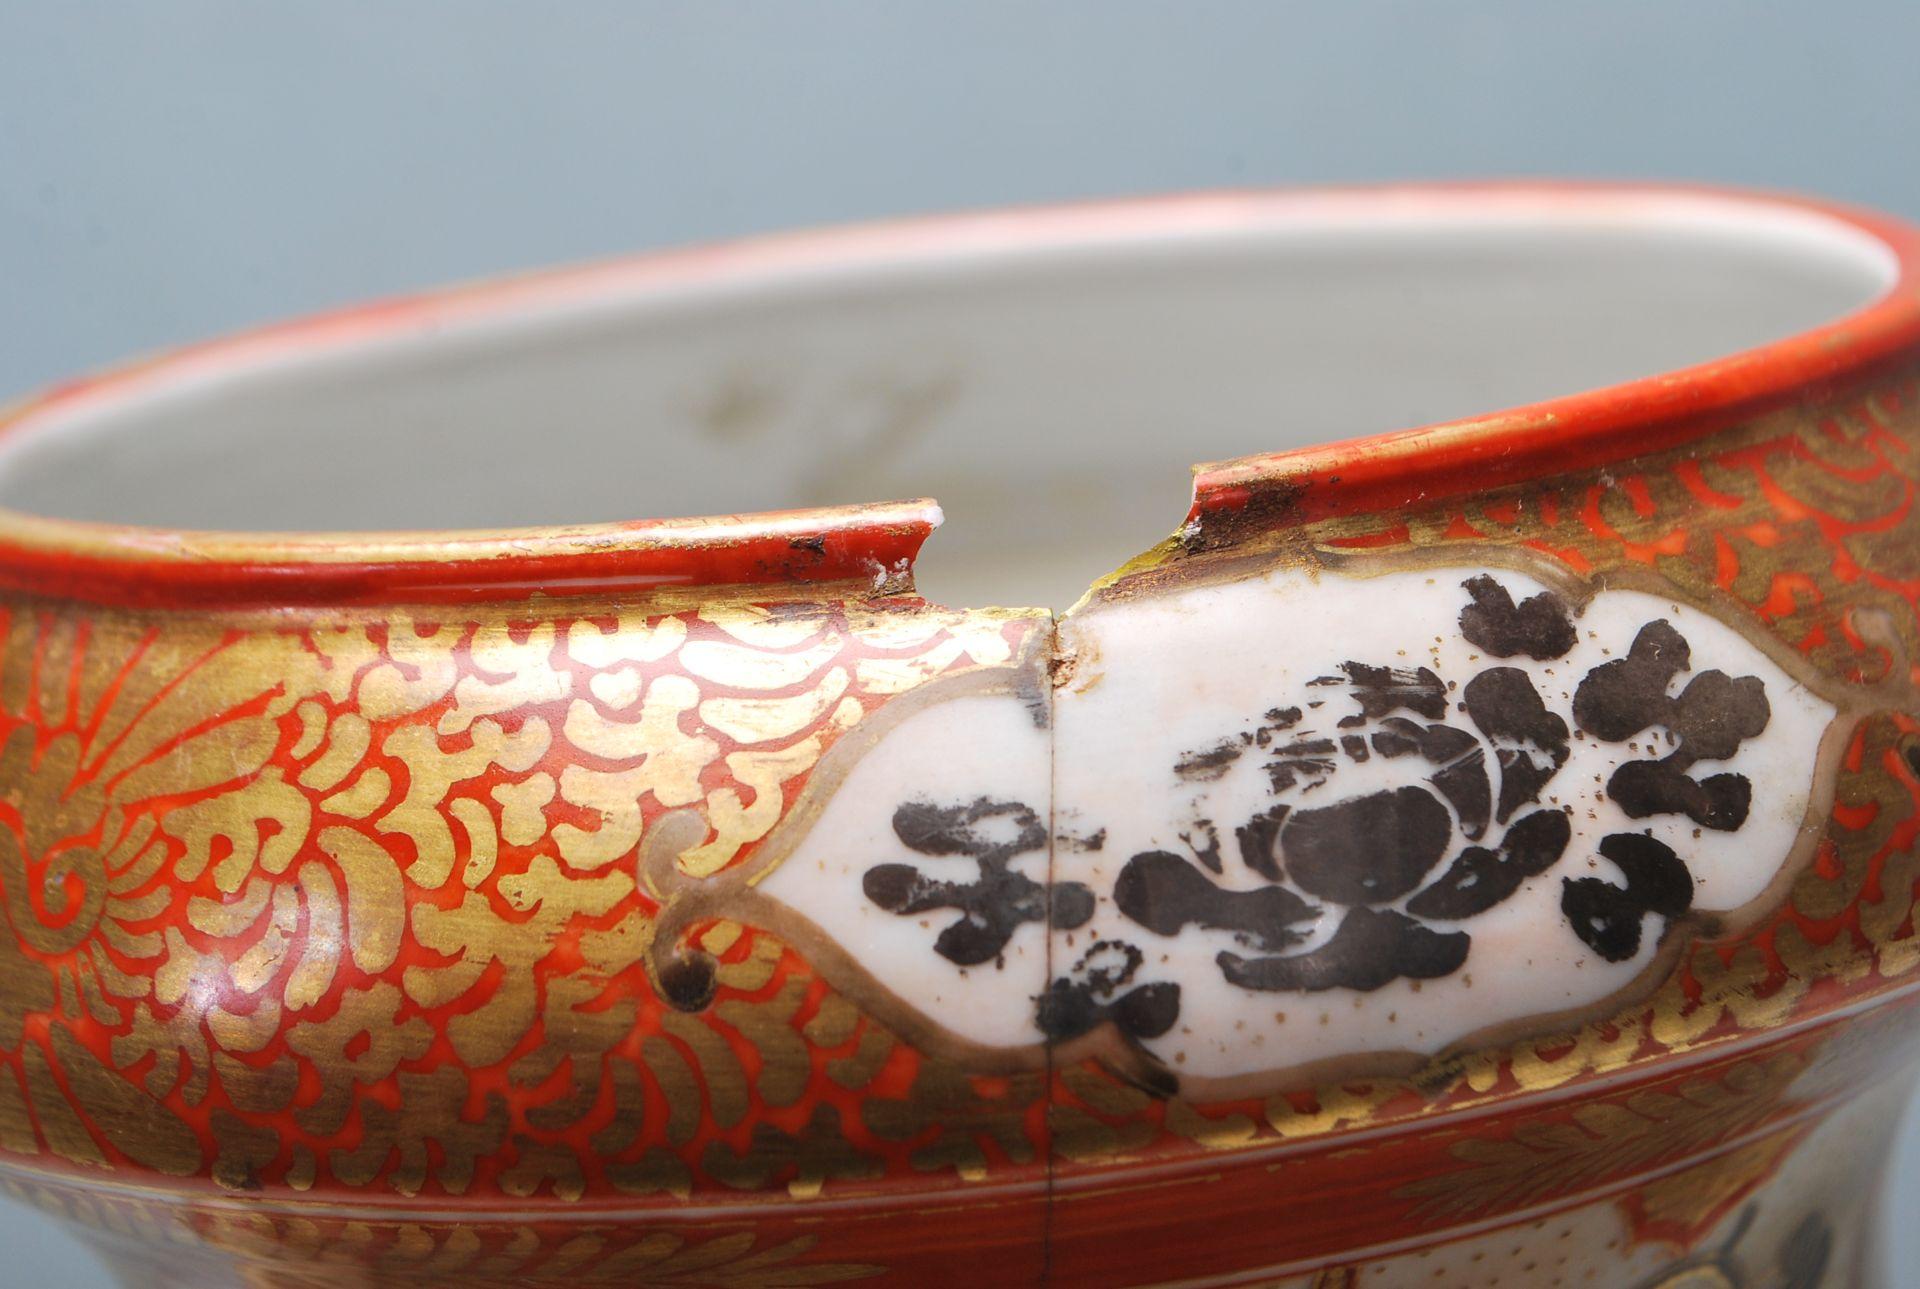 ANTIQUE JAPANESE KUTANI BALUSTER VASE - Image 11 of 14